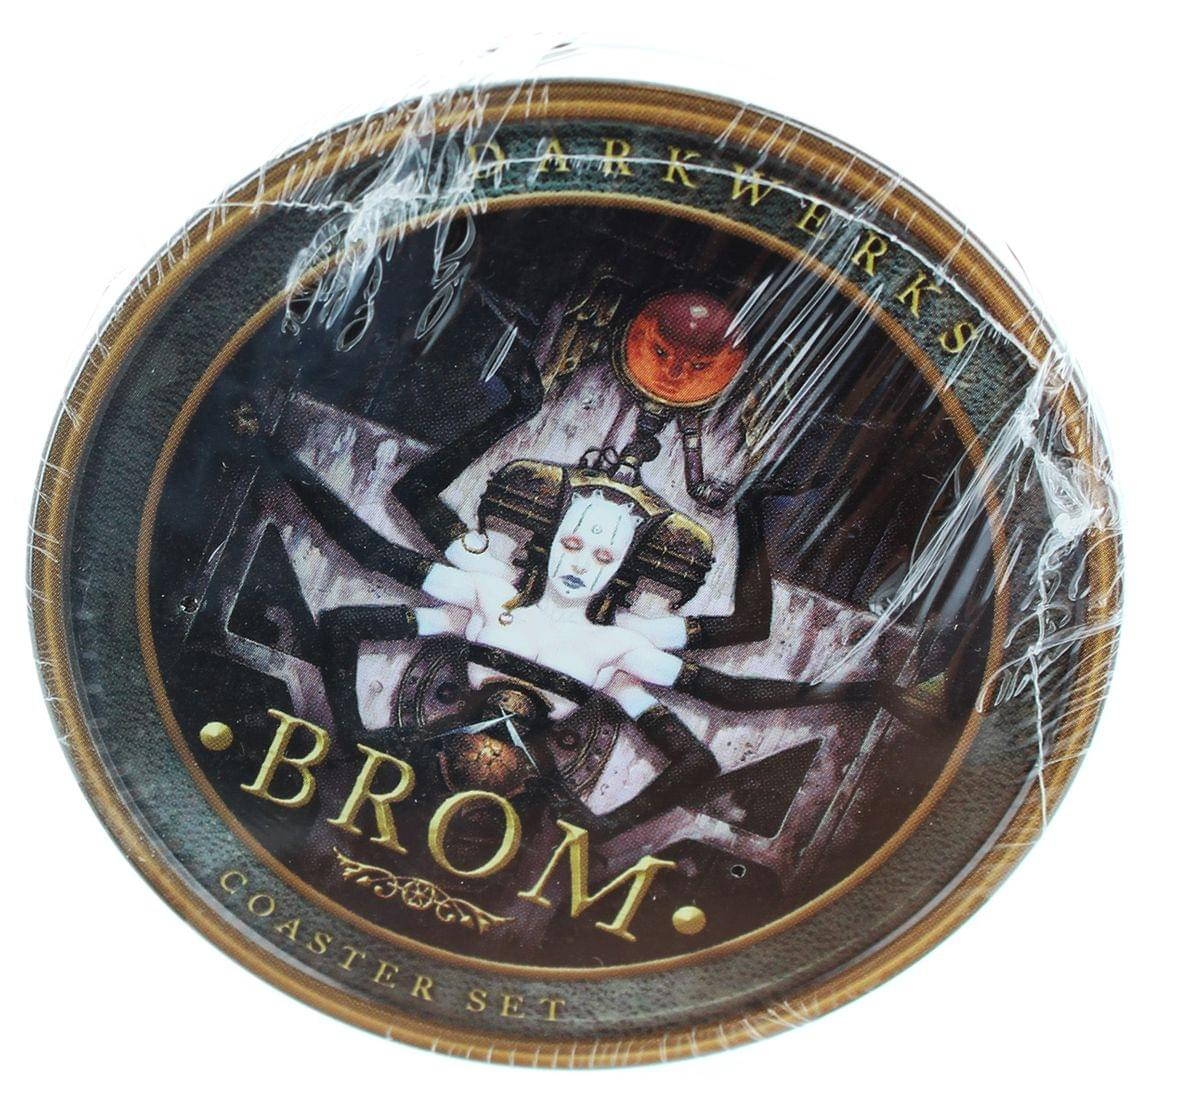 Brom Darkwerks 4-Piece Coaster Set